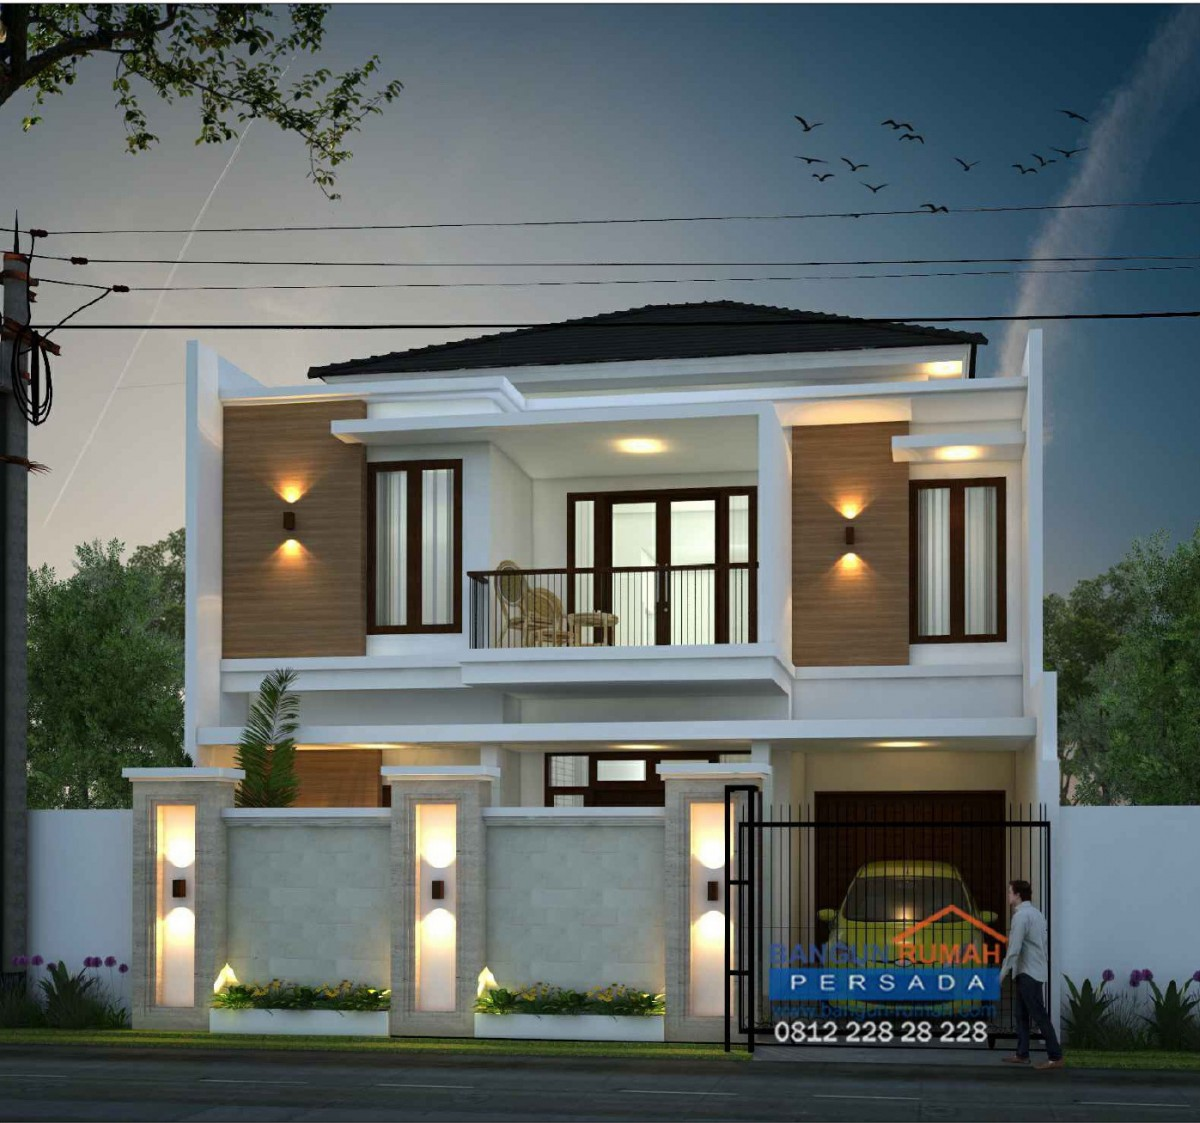 Desain Rumah Minimalis 2 Lantai Di Lahan 10x12 M2 Desain Ini Sudah